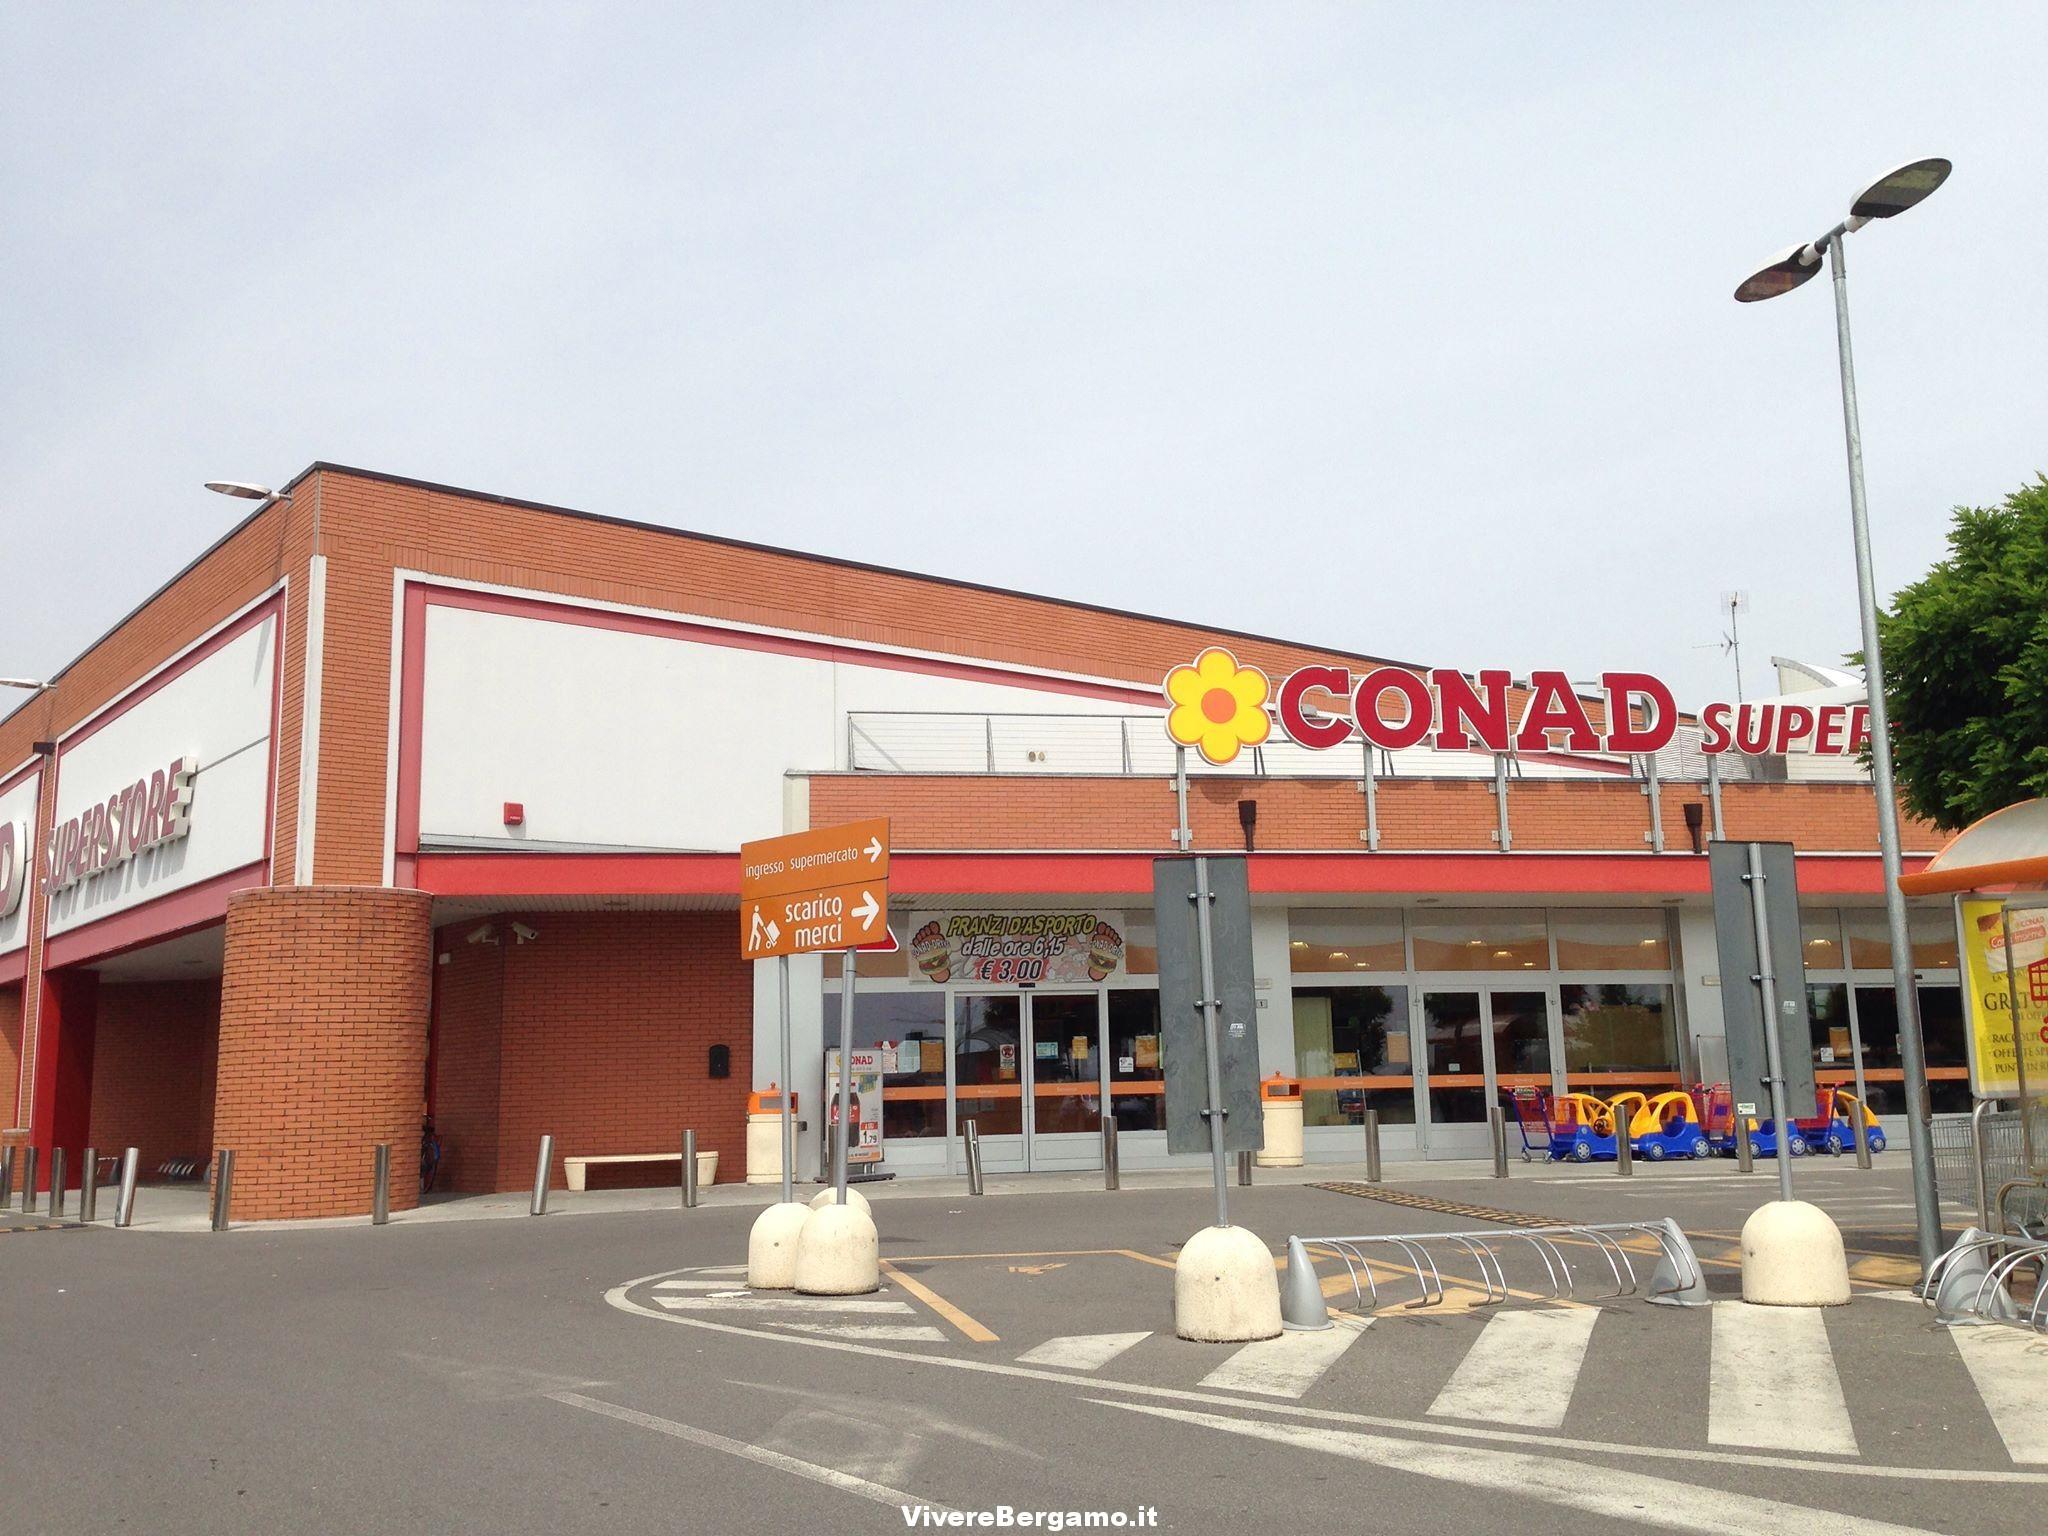 Conad superstore cologno al serio negozi bergamo for Negozi arredamento bergamo e provincia